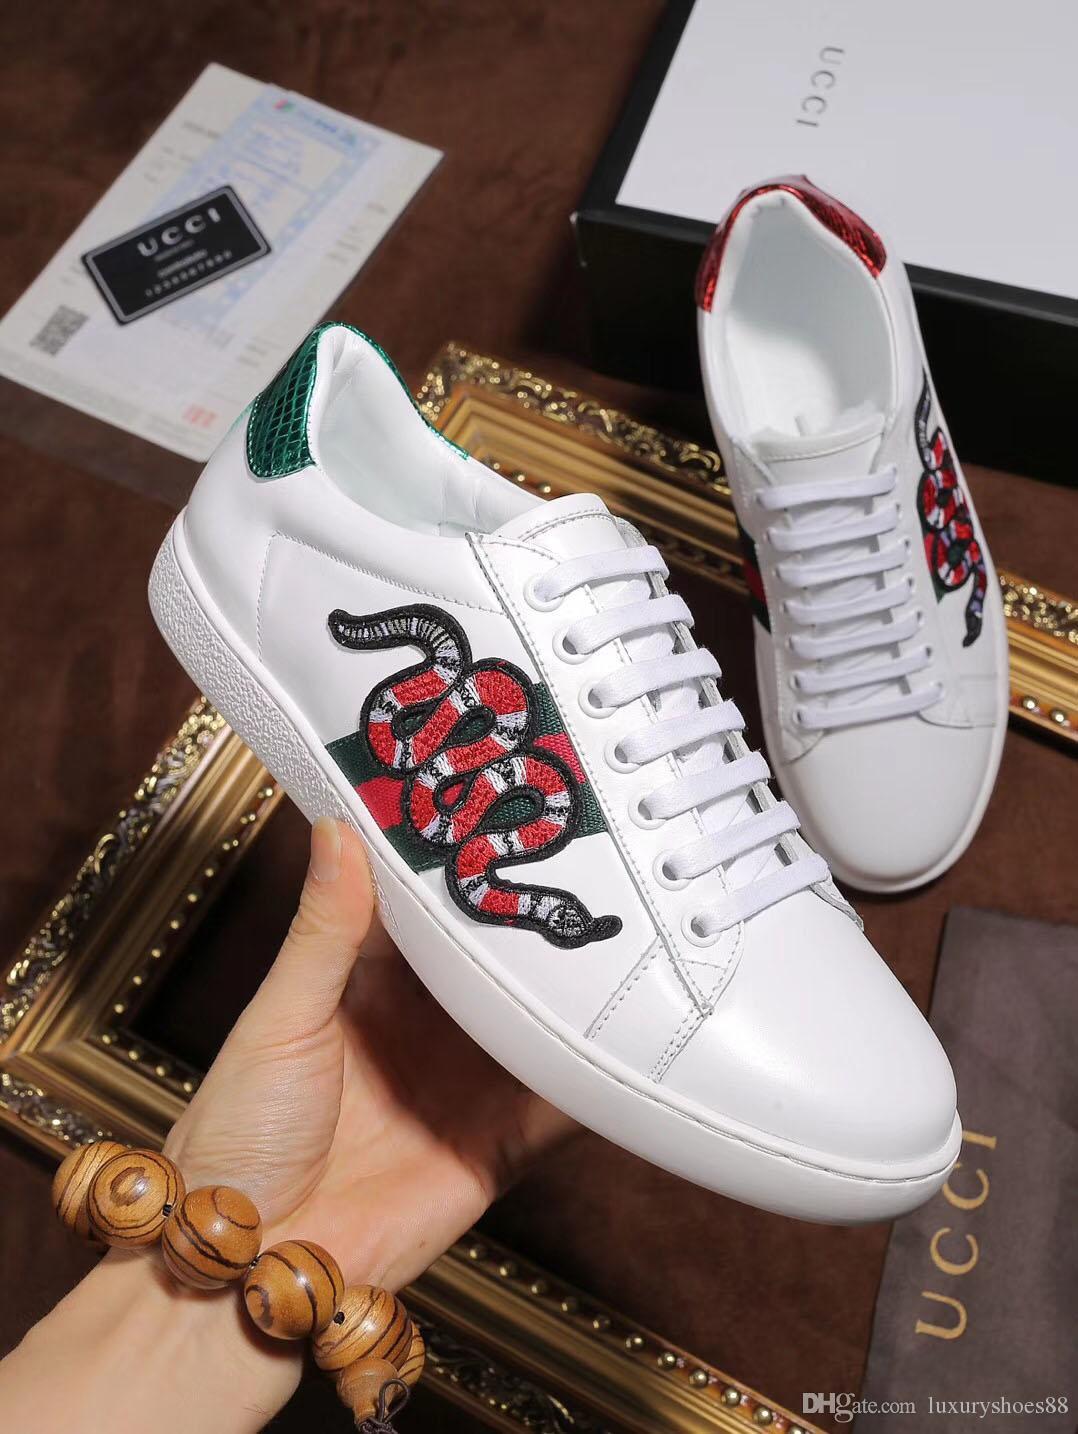 En Luxe Mode Cuir Chaussures Marchant De De Homme Chaussures Acheter nvawE8xq7T